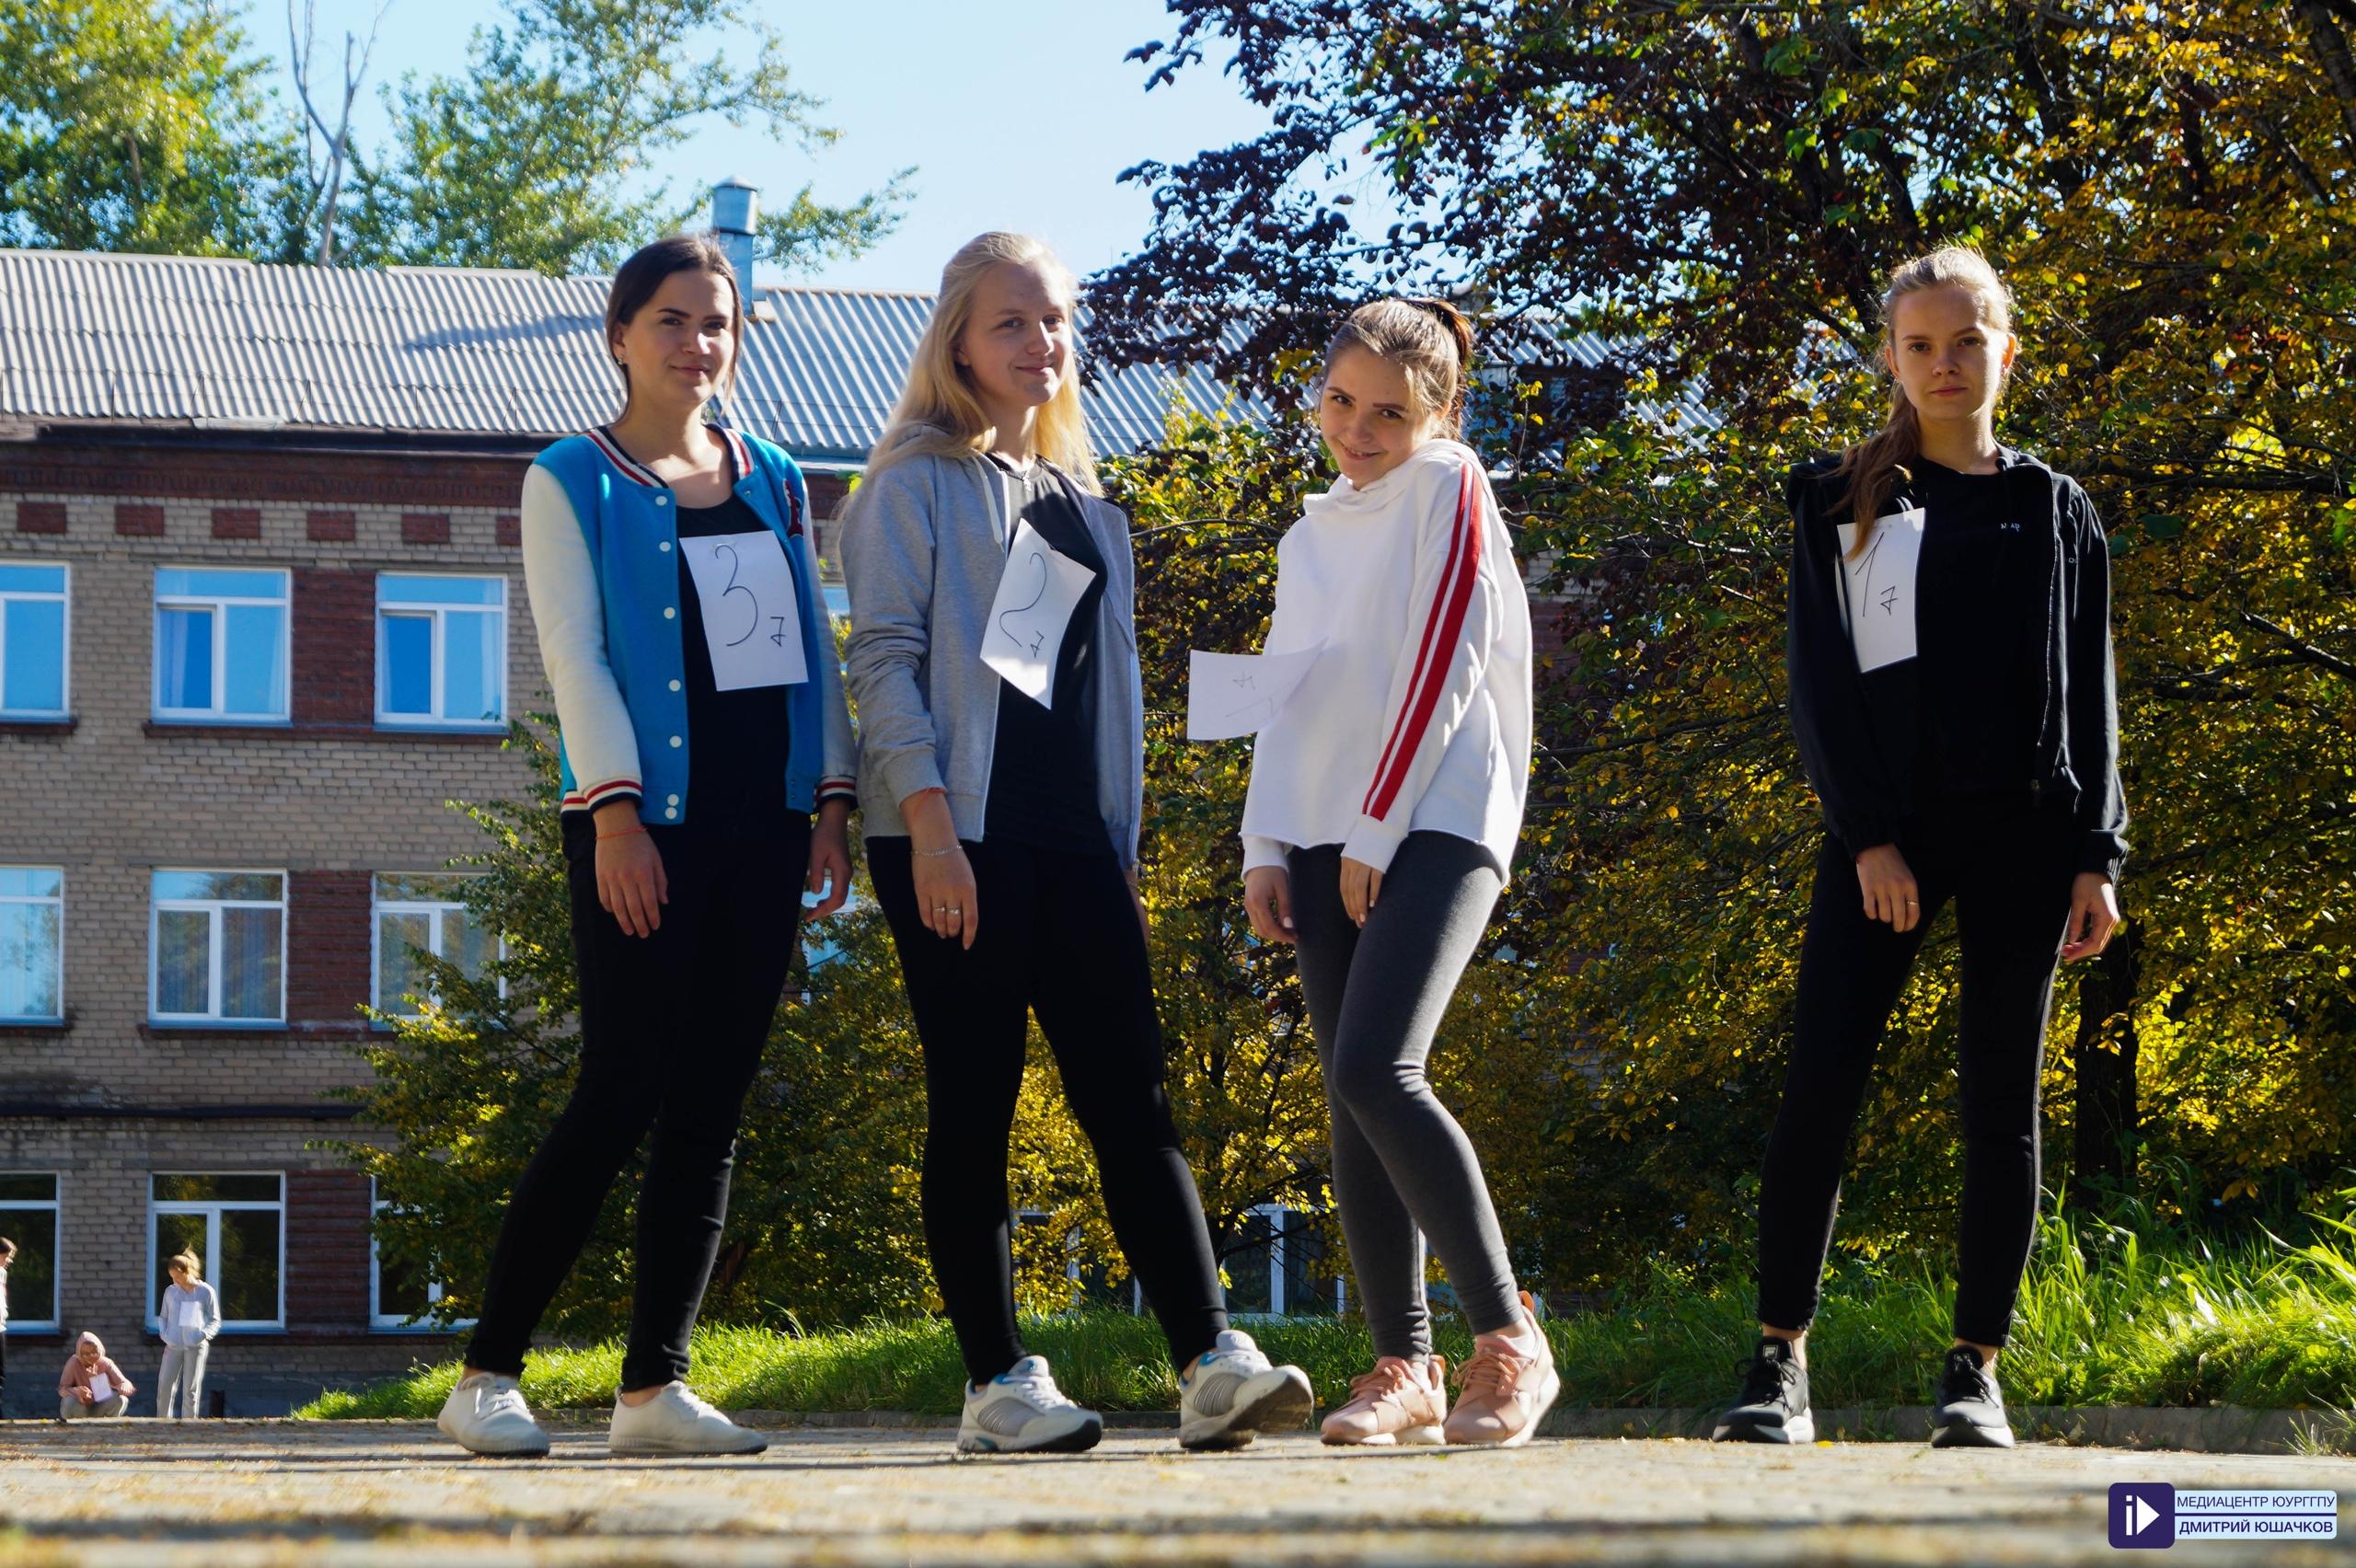 841081229c67 Челябинск   Ни минуты покоя! - БезФормата - Новости